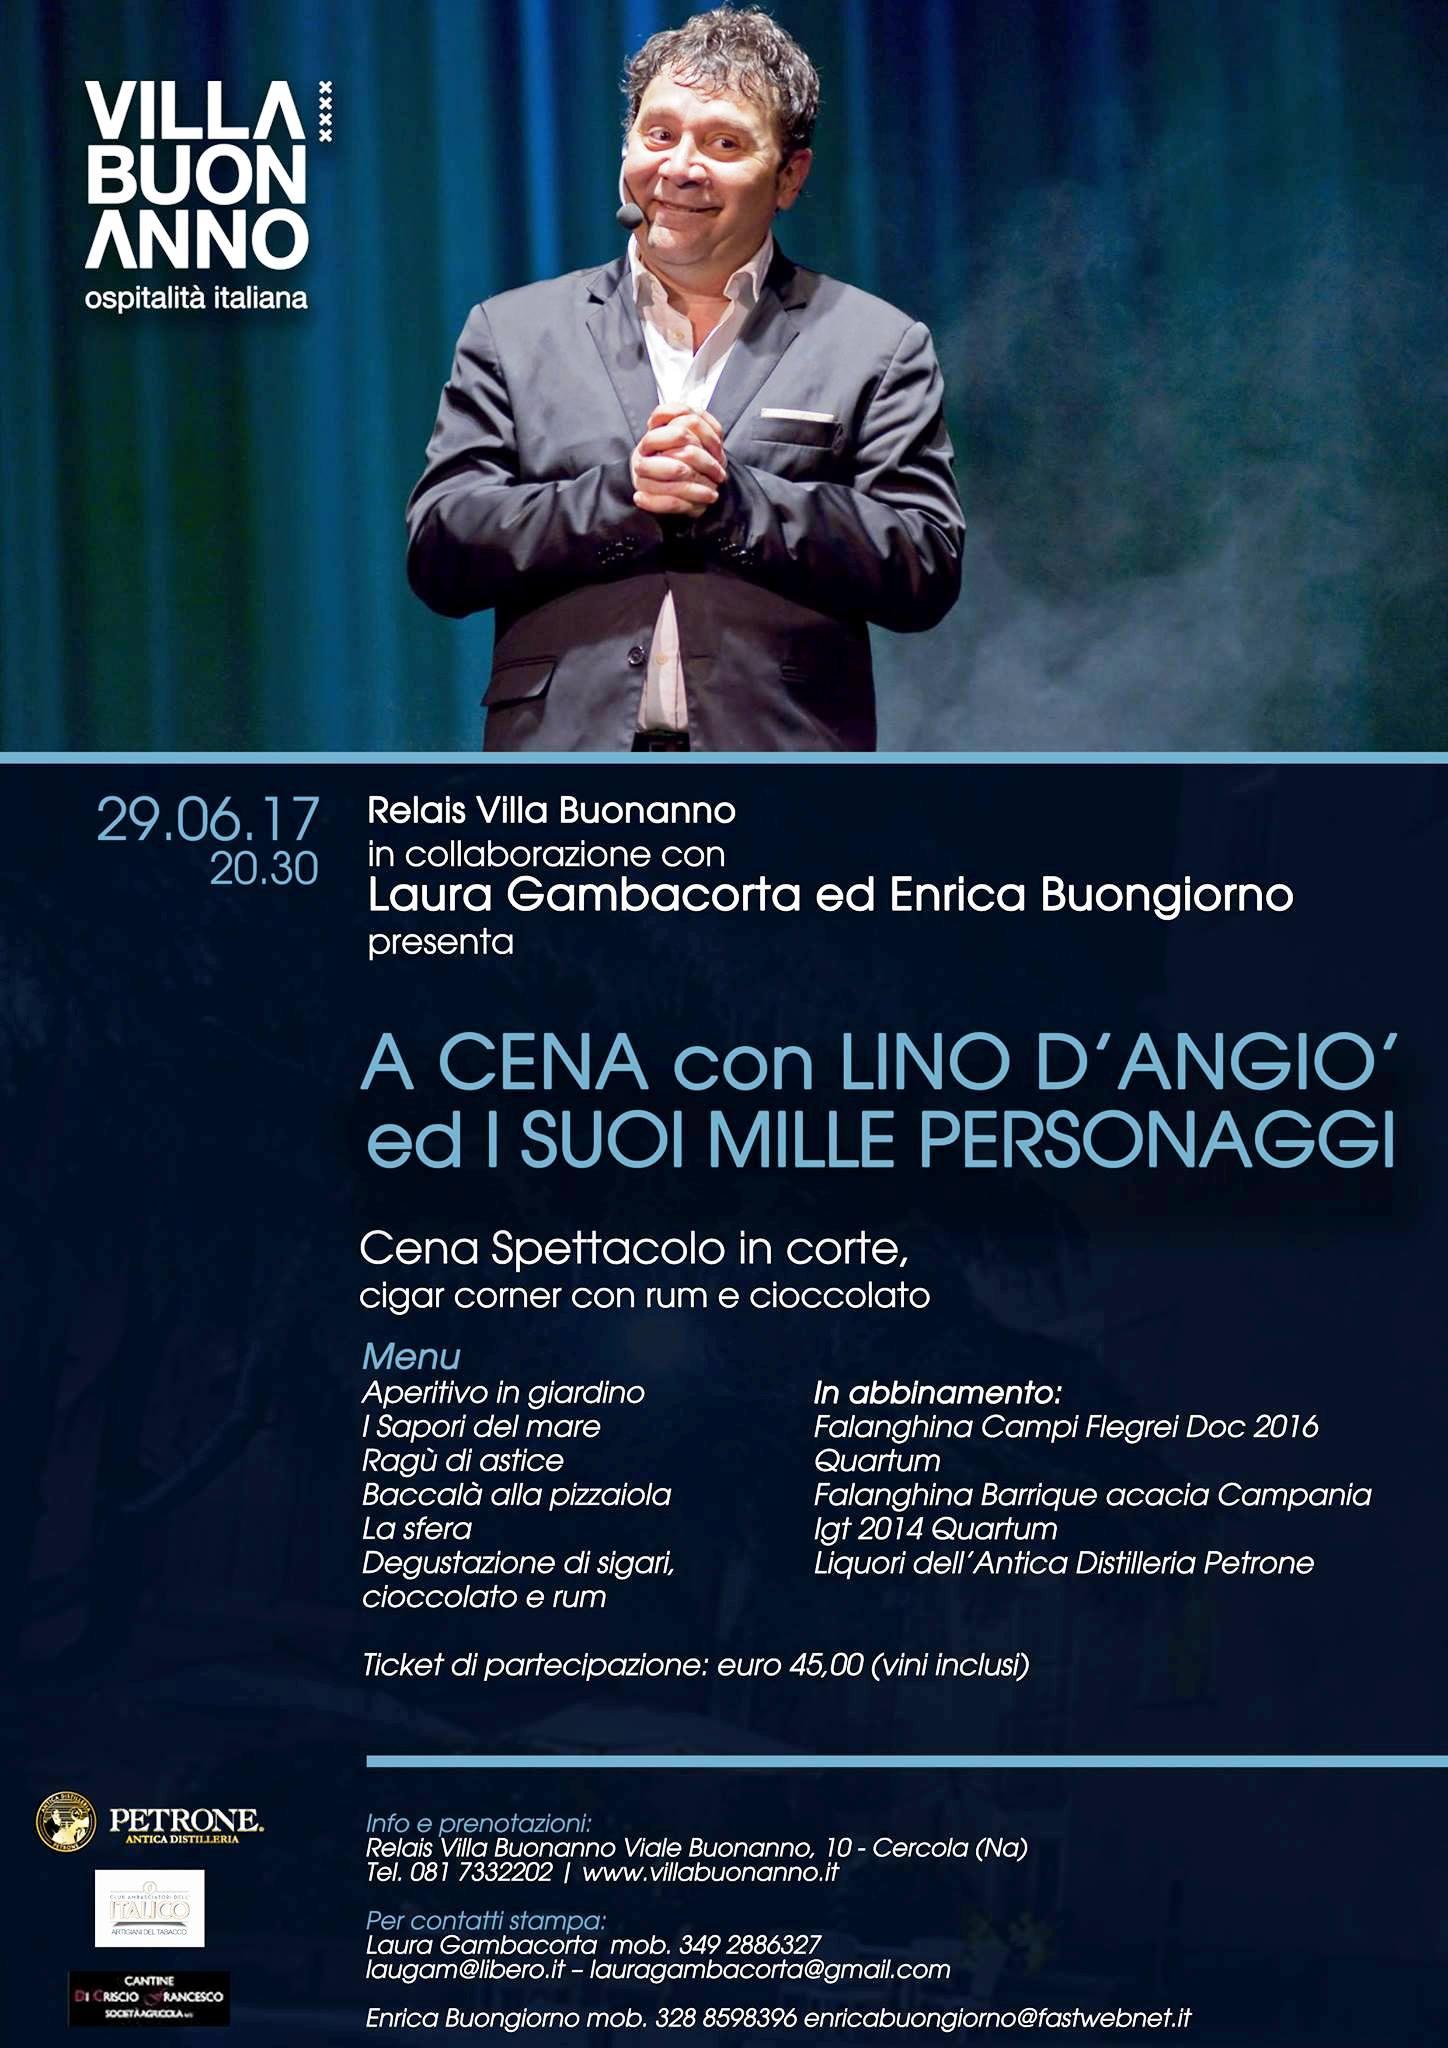 Il 29 giugno a Villa Buonanno di Cercola arriva il ciclone D'Angiò per una cena spettacolo in corte